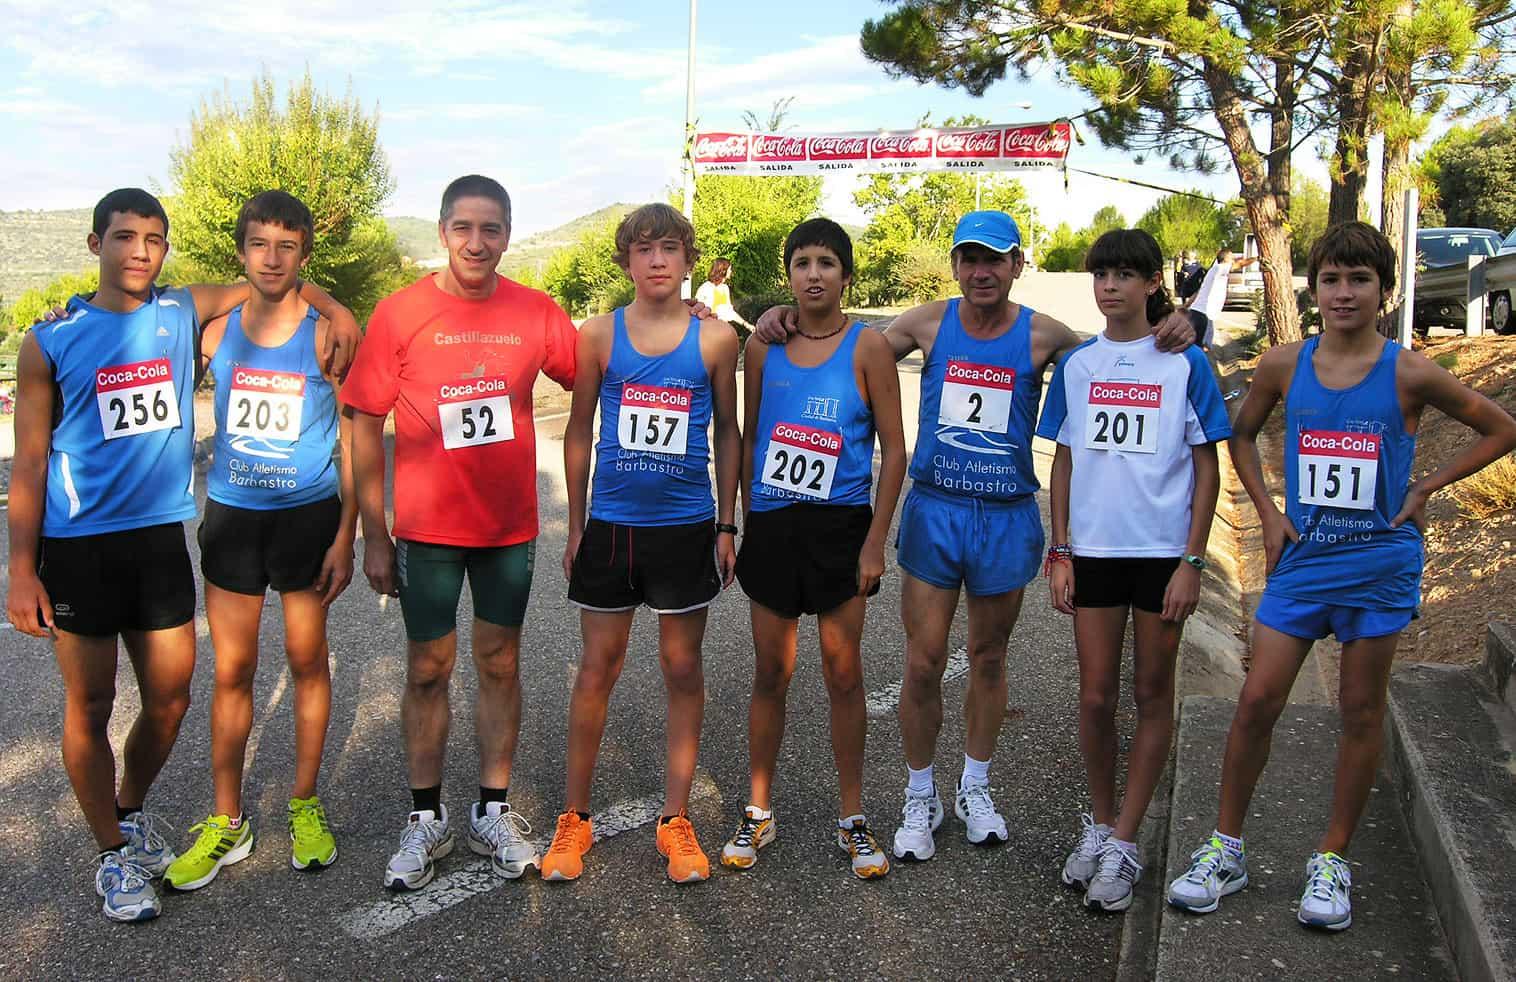 atletas_club_atletismo_barbastro_en_la_primera_edicion_de_la_carrera_subida_a_torreciudad.jpg